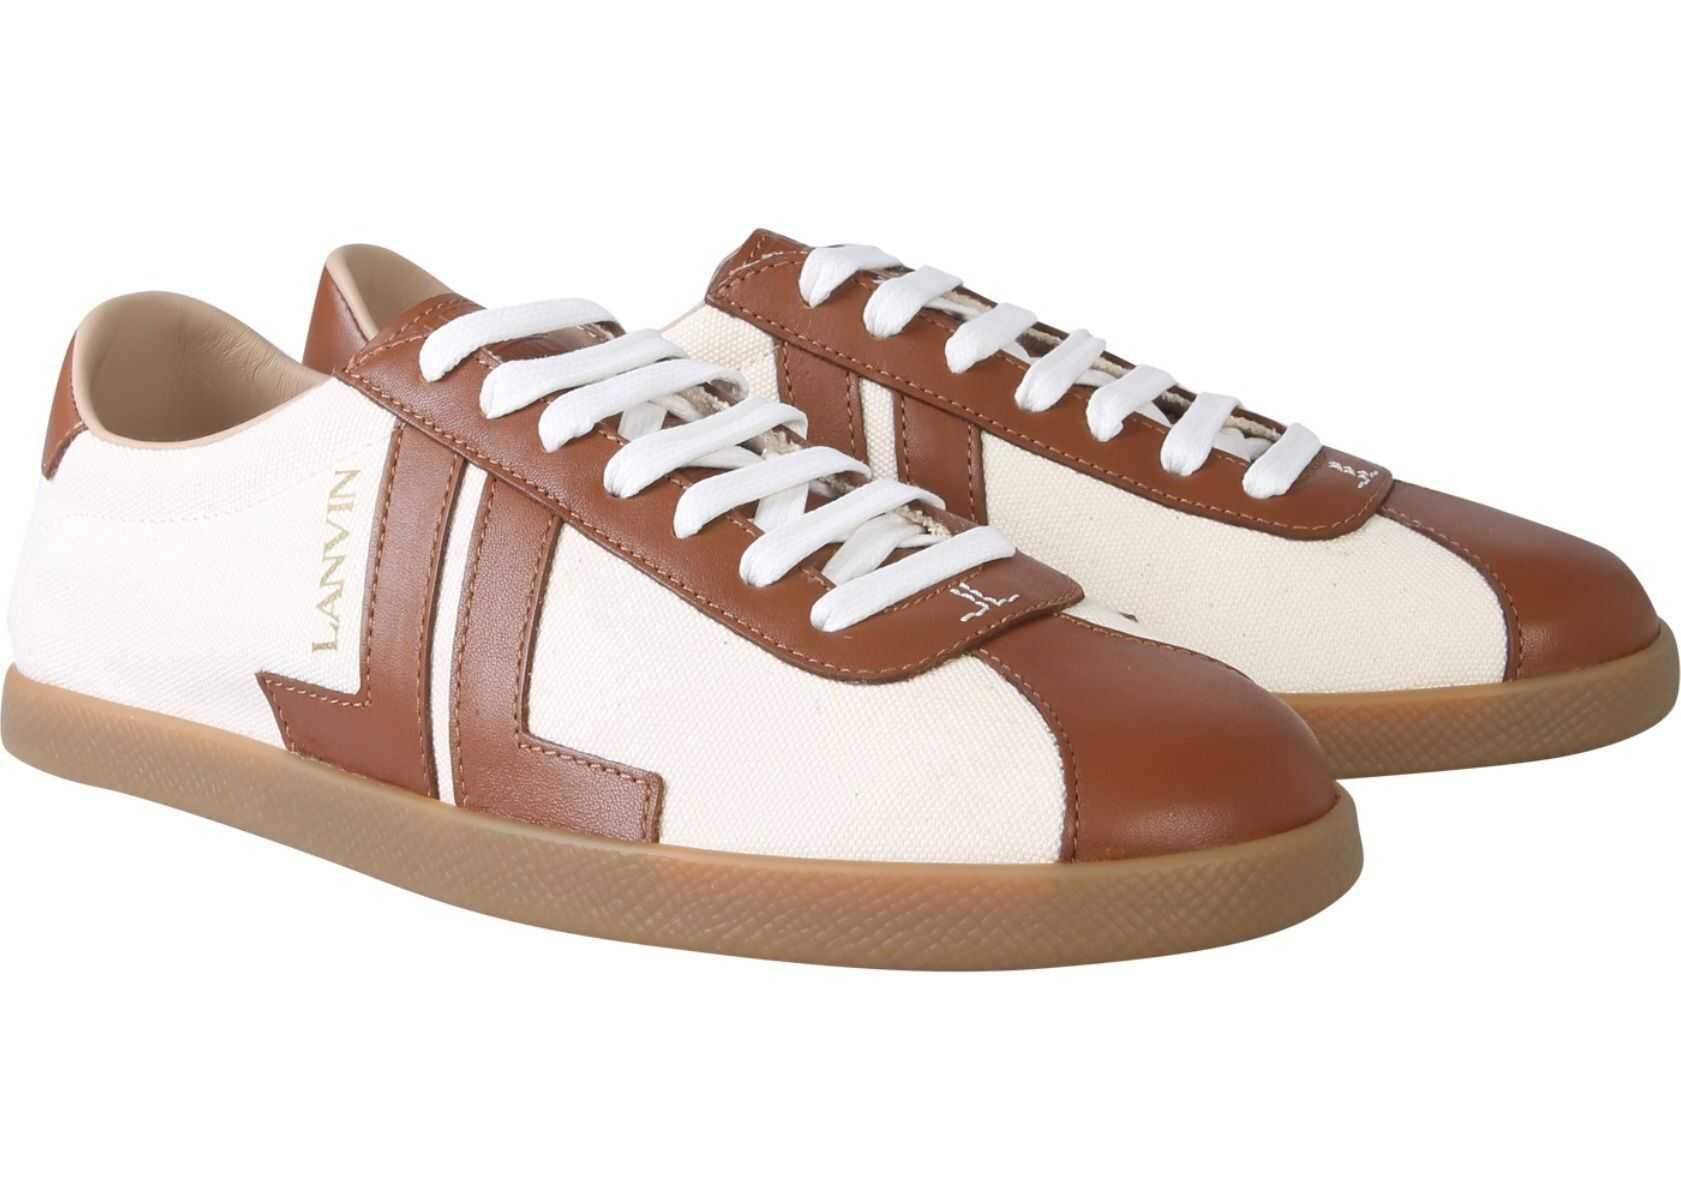 Lanvin Low Sneakers BEIGE